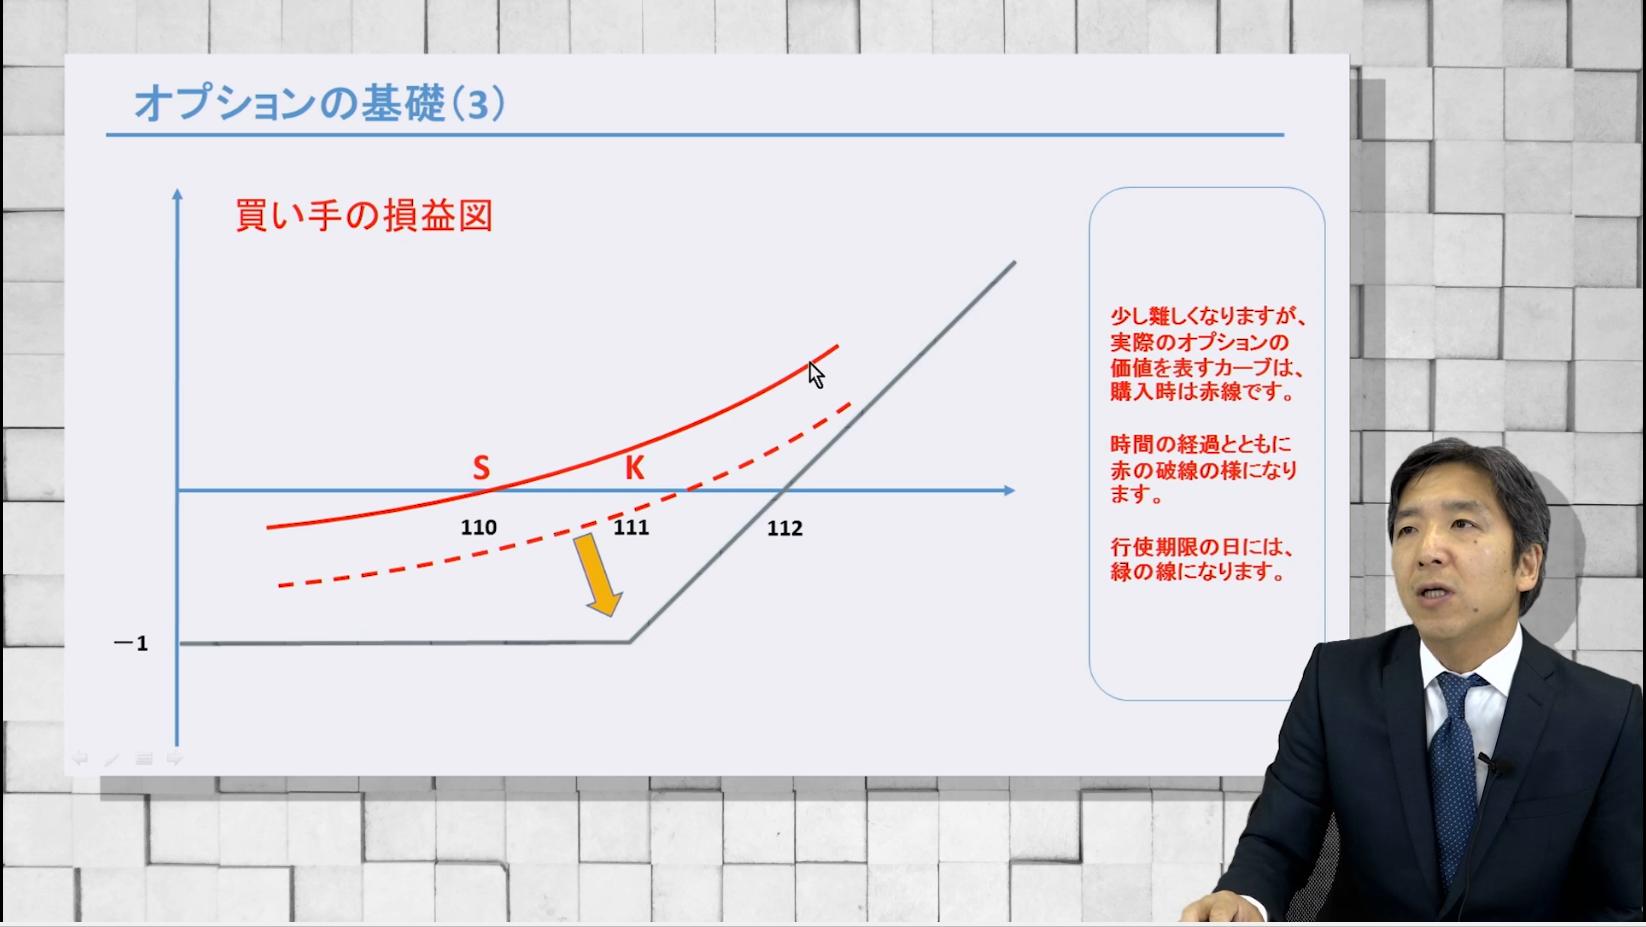 【FX動画】志摩力男さんが教えてくれるプロの知識!オプション情報をどのようにトレードに活かすか?(1)